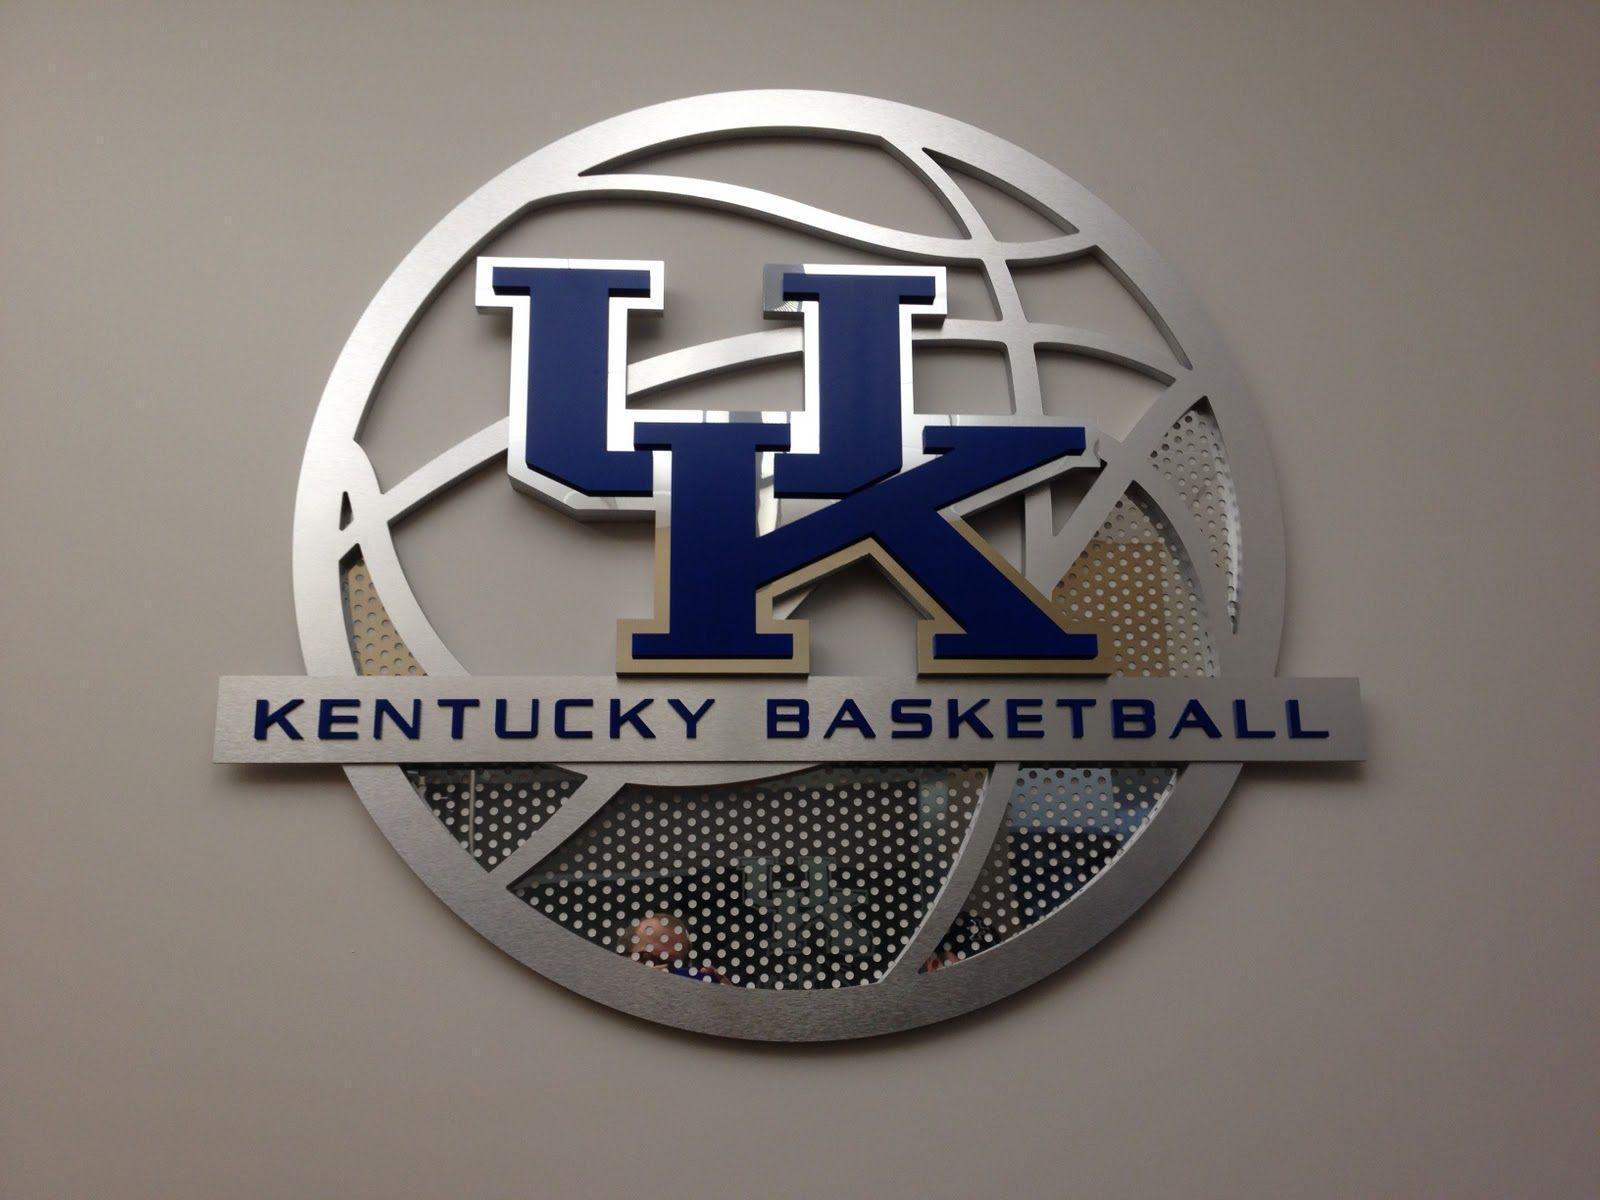 Kentucky Basketball Wallpapers: Kentucky Wallpapers